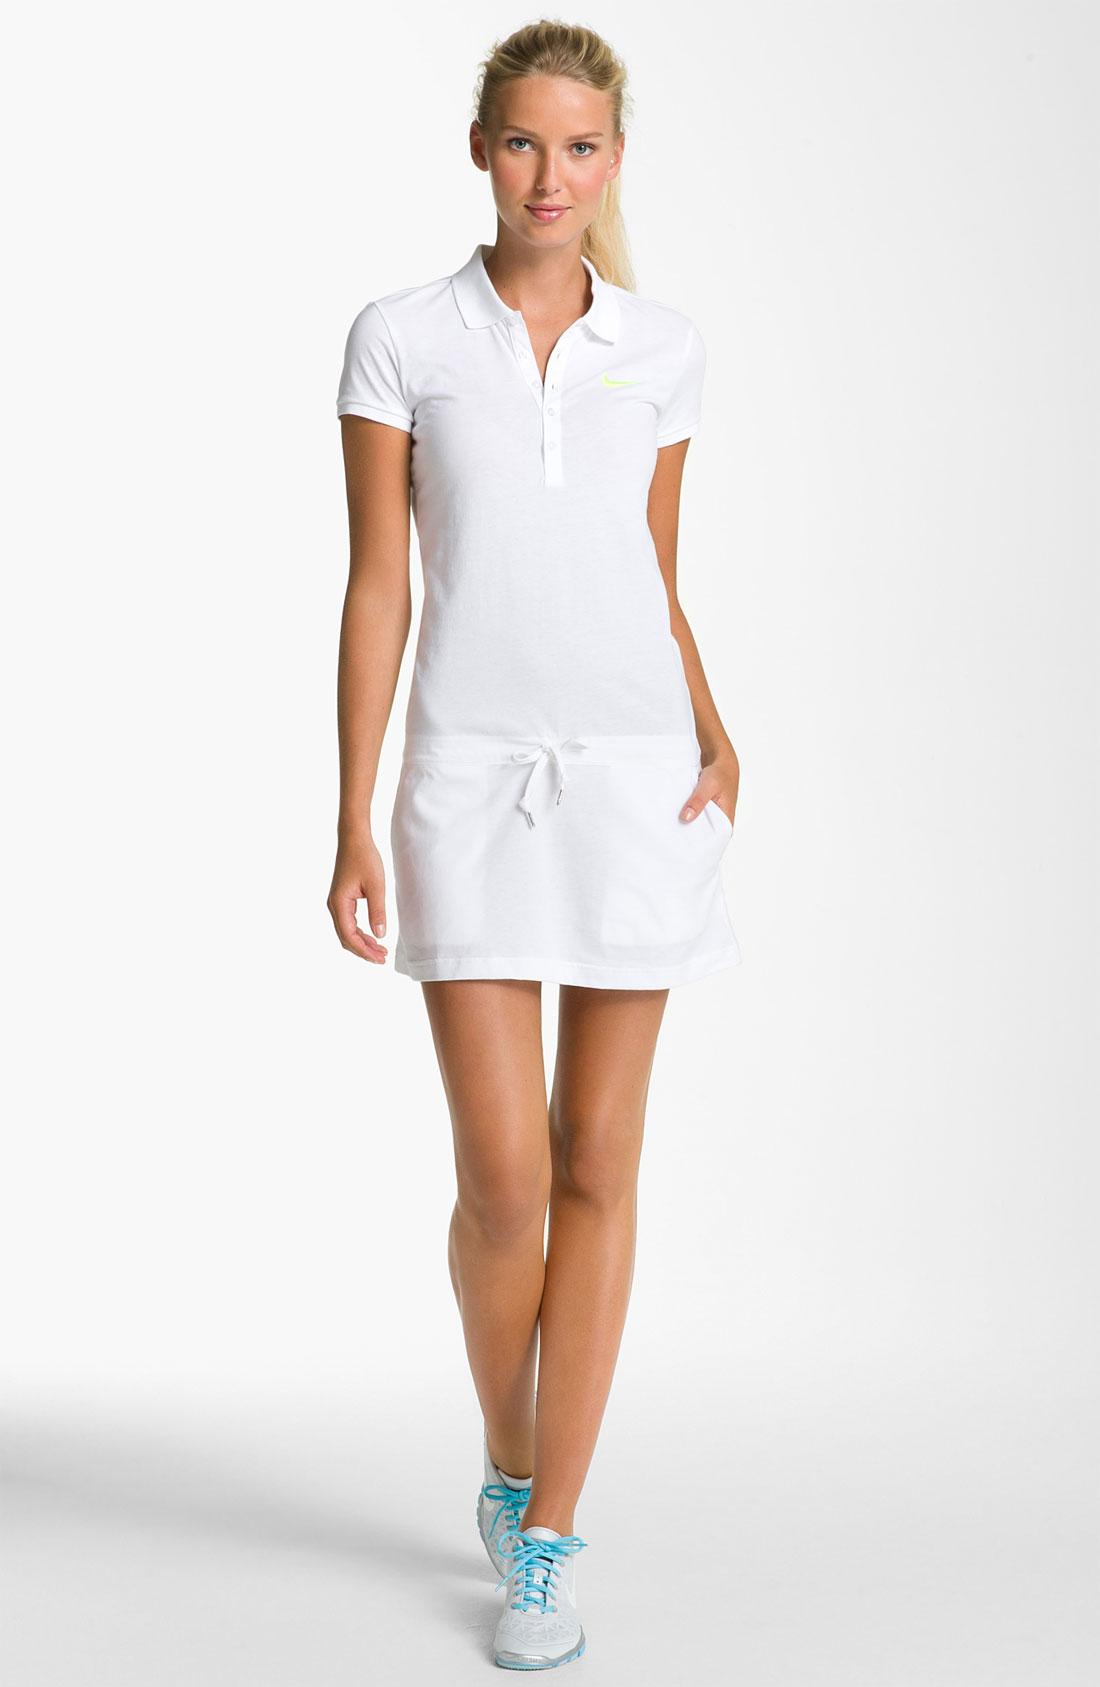 de37a09a3 Платье-поло: спортивного стиля, с воротником, застежкой, с чем ...